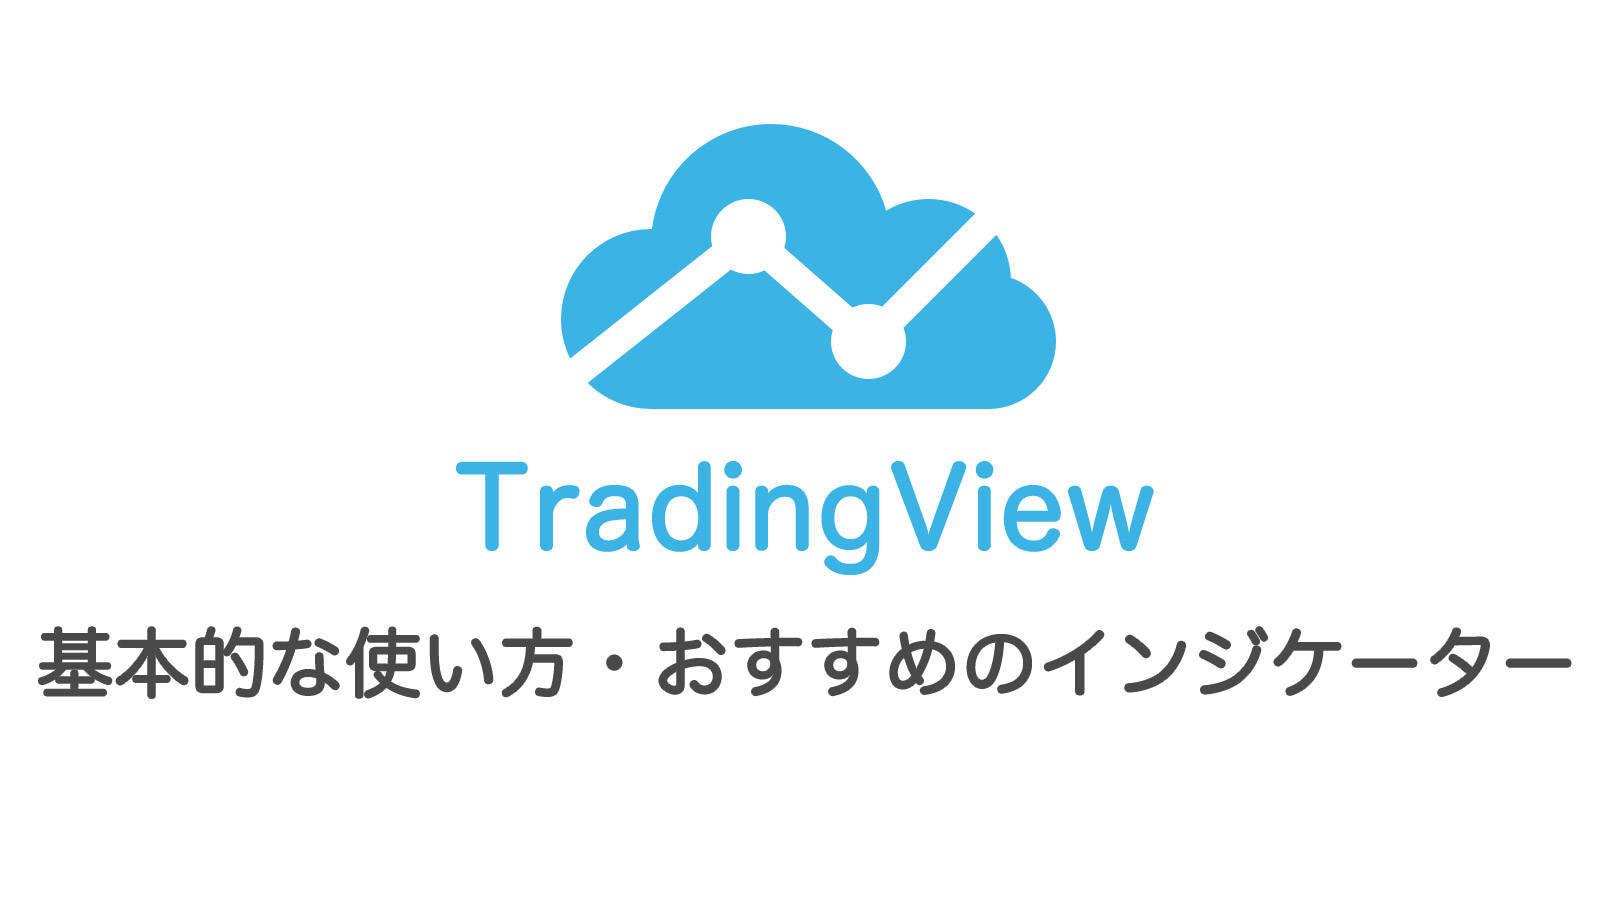 TradingViewの基本的な使い方・おすすめのインジケーター